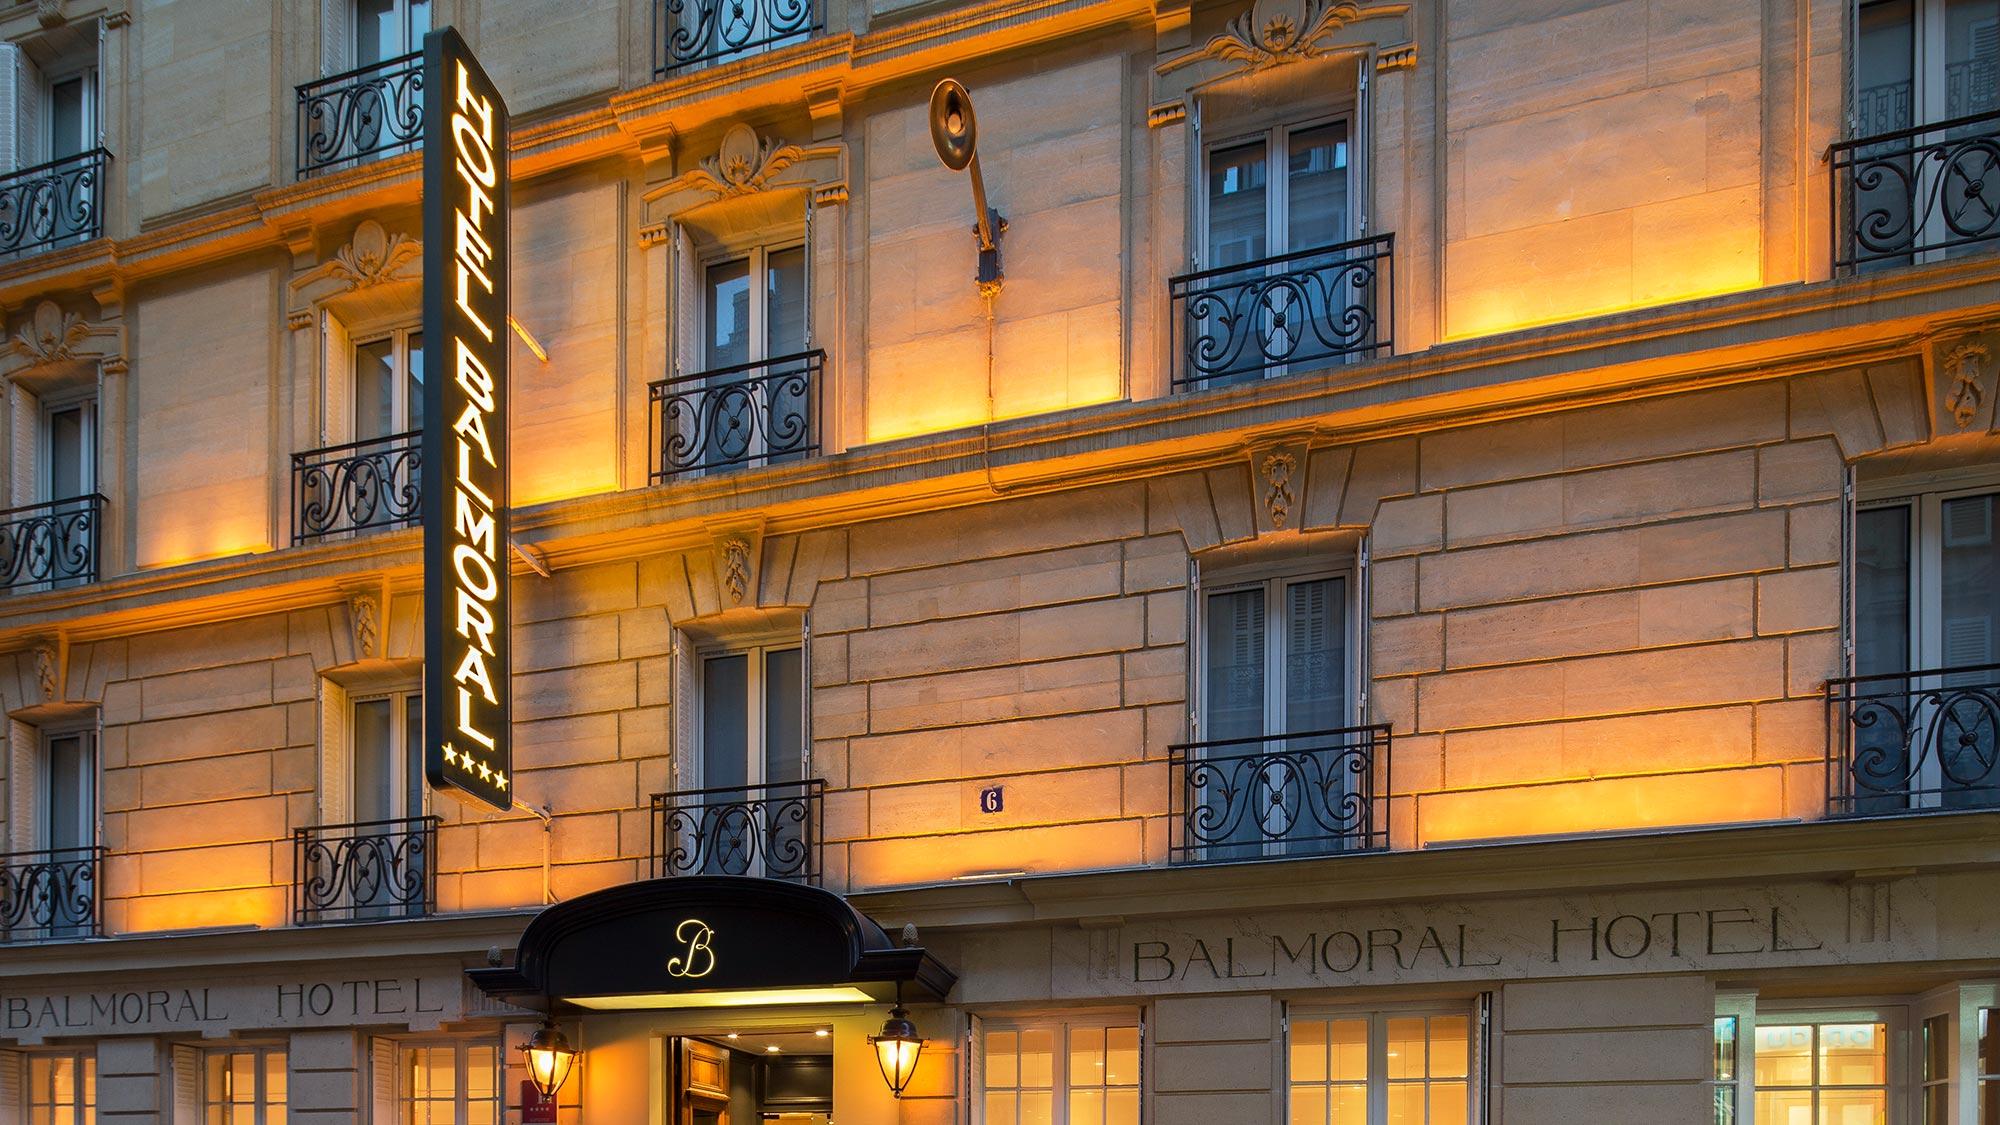 Façade d'un hôtel parisien en pierres de Paris, plusieurs fenêtre donnent sur rue, une enseigne contient l'inscription Hôtel Balmoral